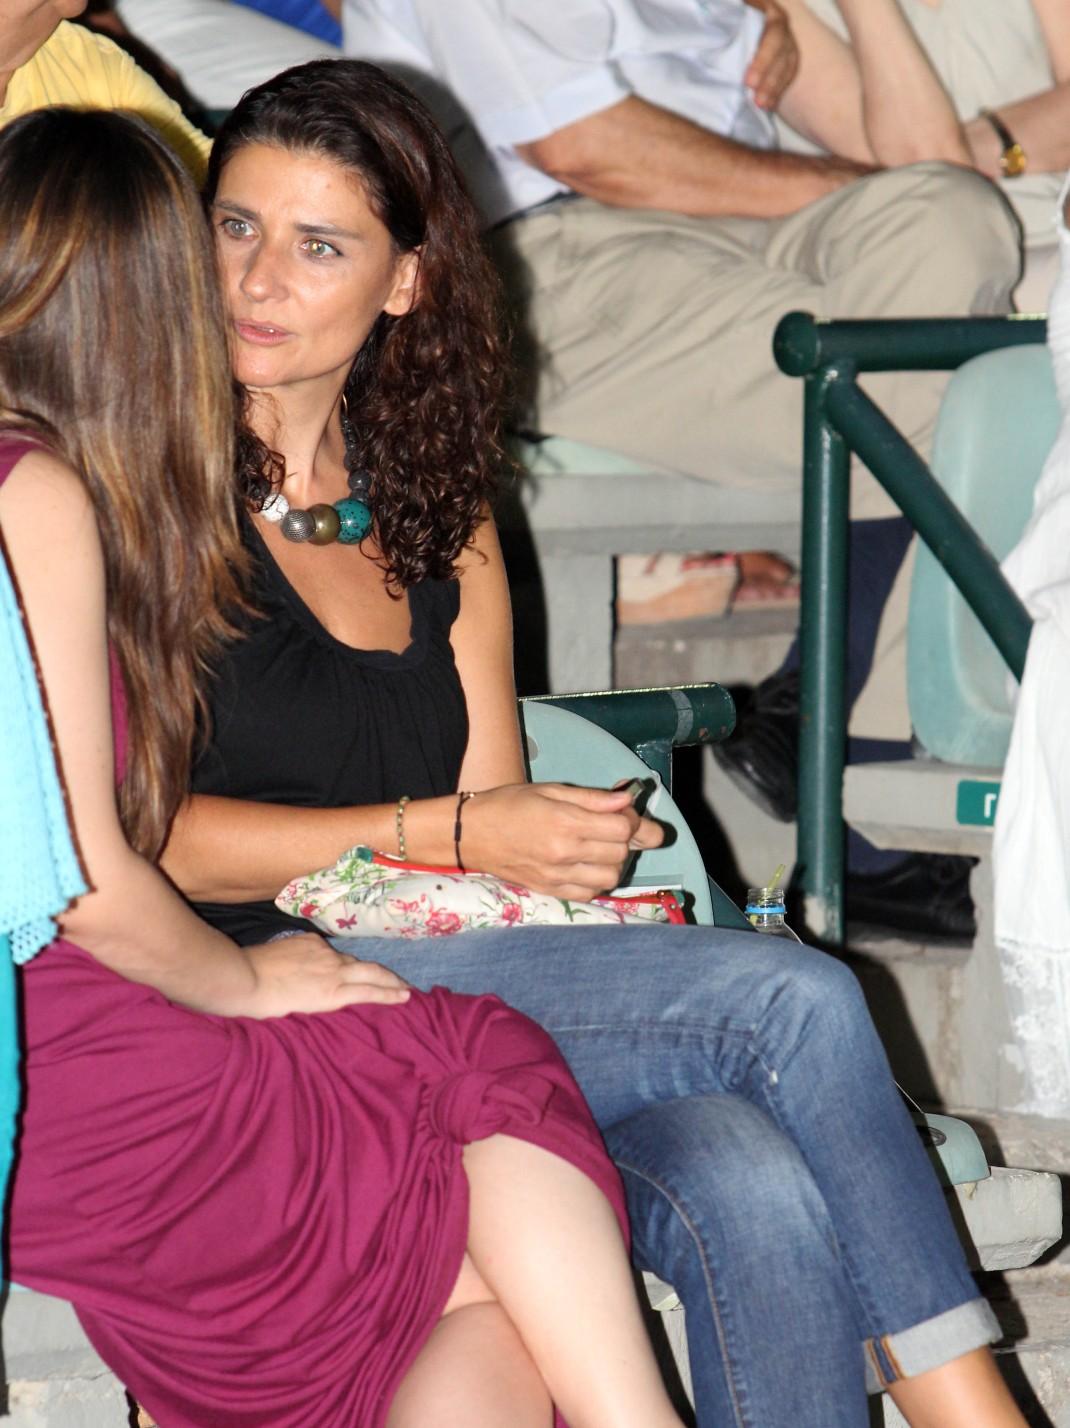 Τζωρτίνα Σερπιέρη: Η κόρη της Μαρινέλλας που λάτρεψε σαν παιδί του ο Τόλης  Βοσκόπουλος   BOVARY